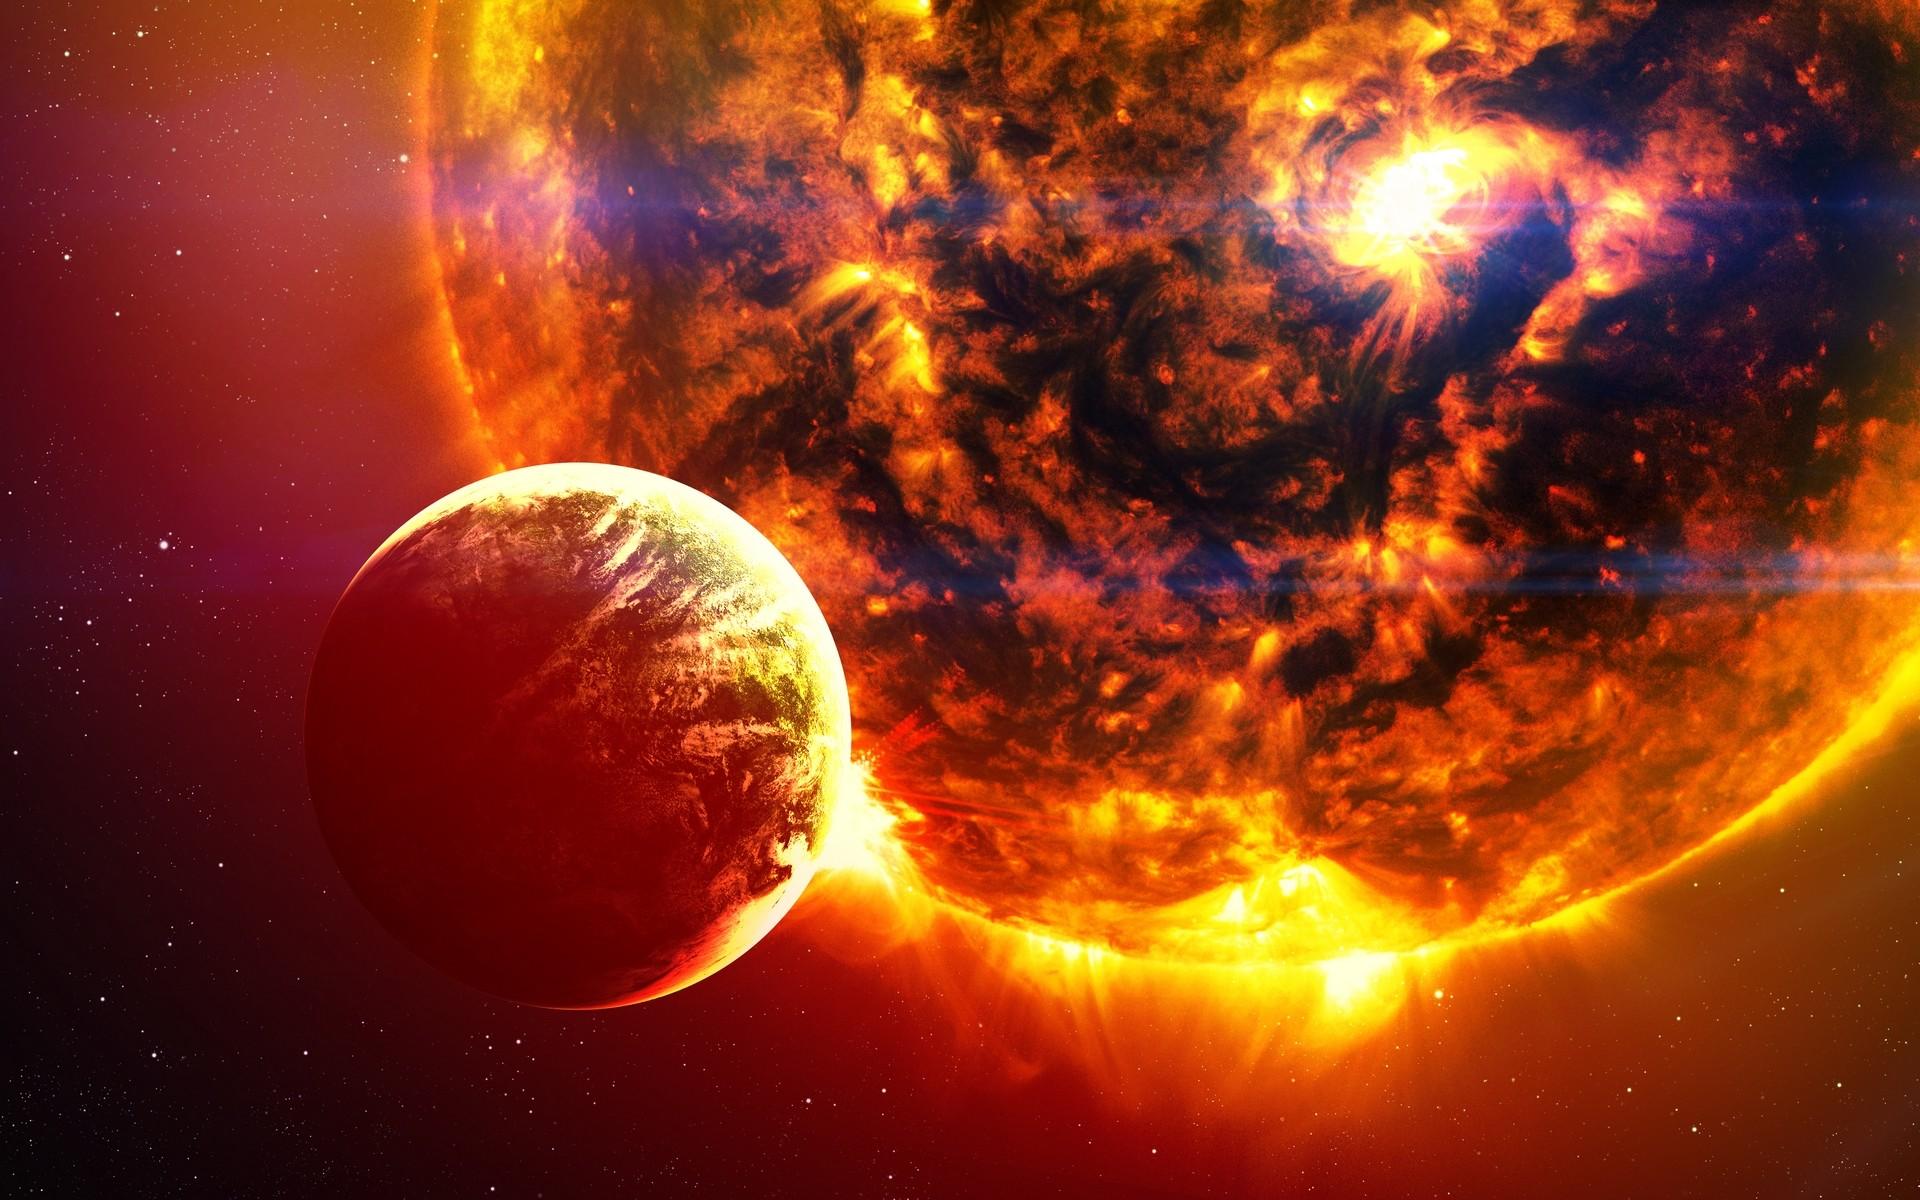 Звёздное небо и космос в картинках - Страница 4 Vadim-sadovski-c2